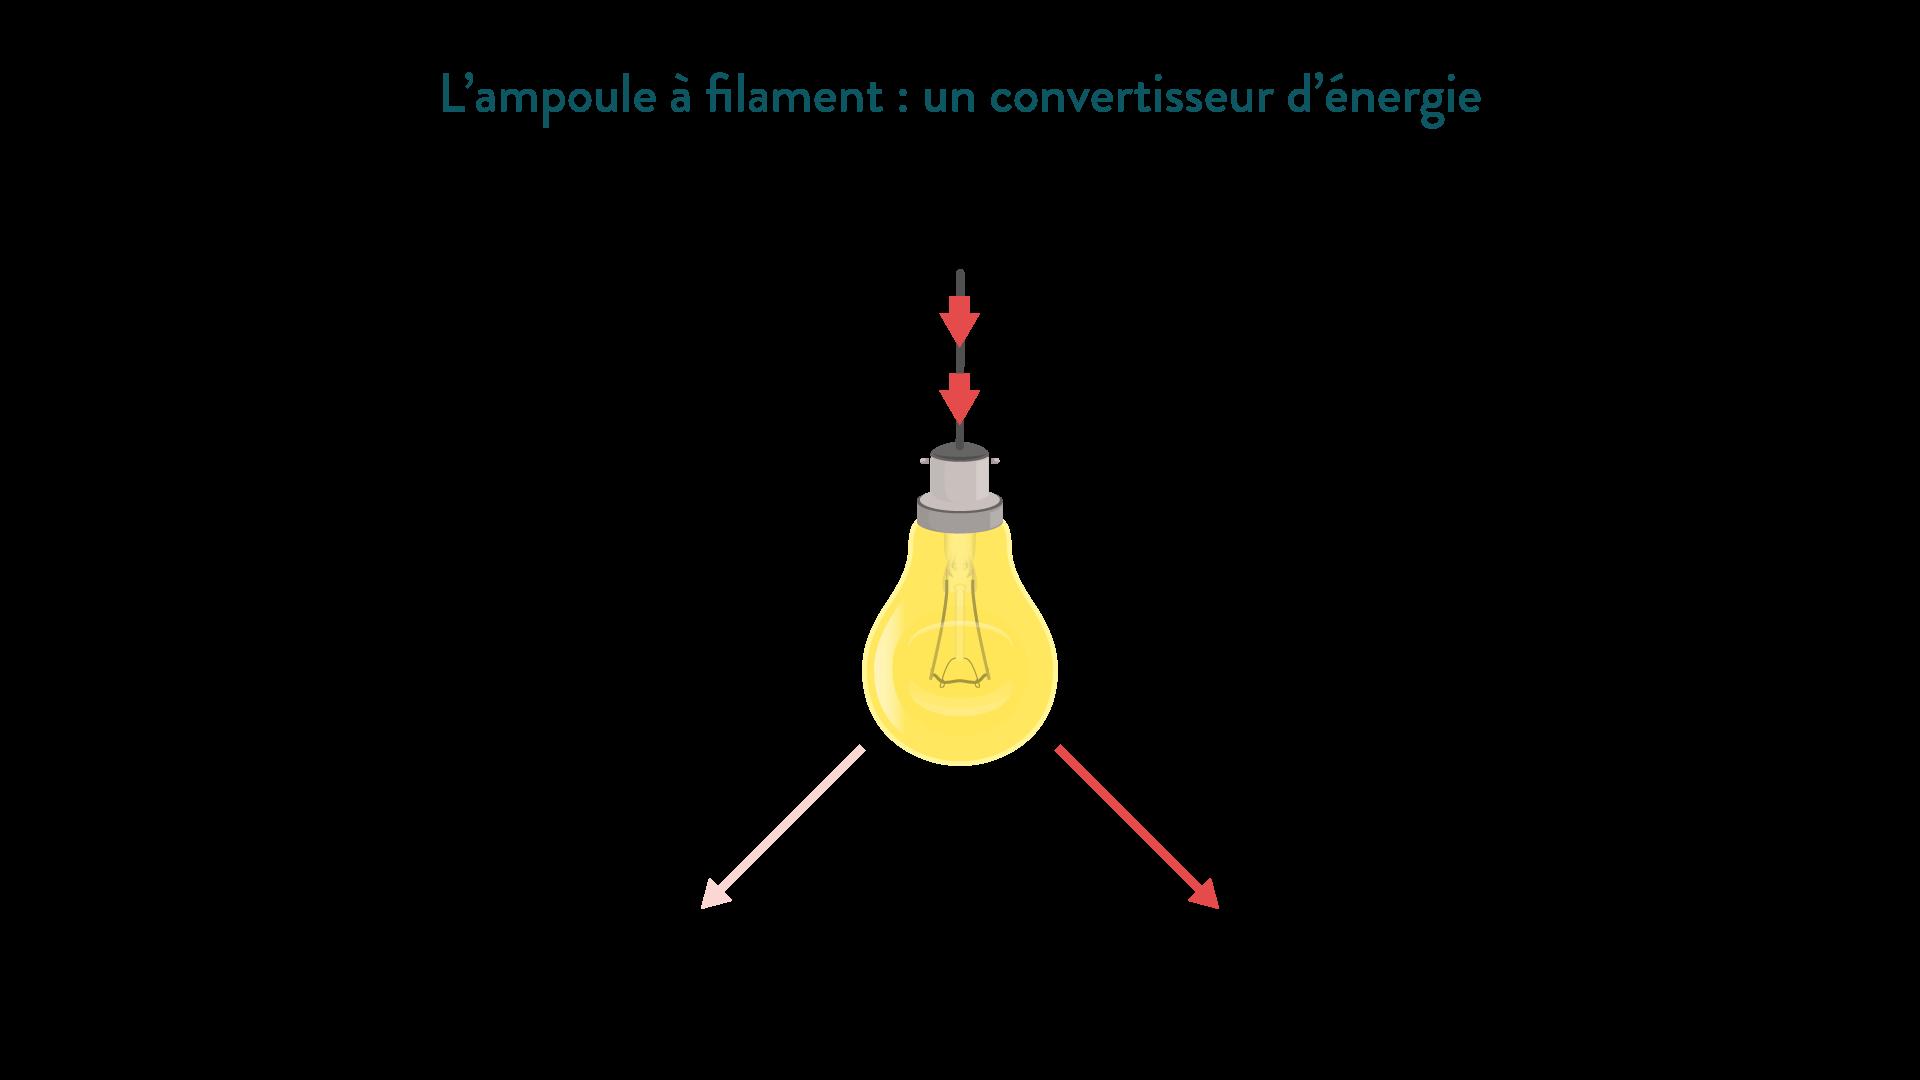 Les Conversions D Energie Fiche De Cours Physique Chimie Schoolmouv